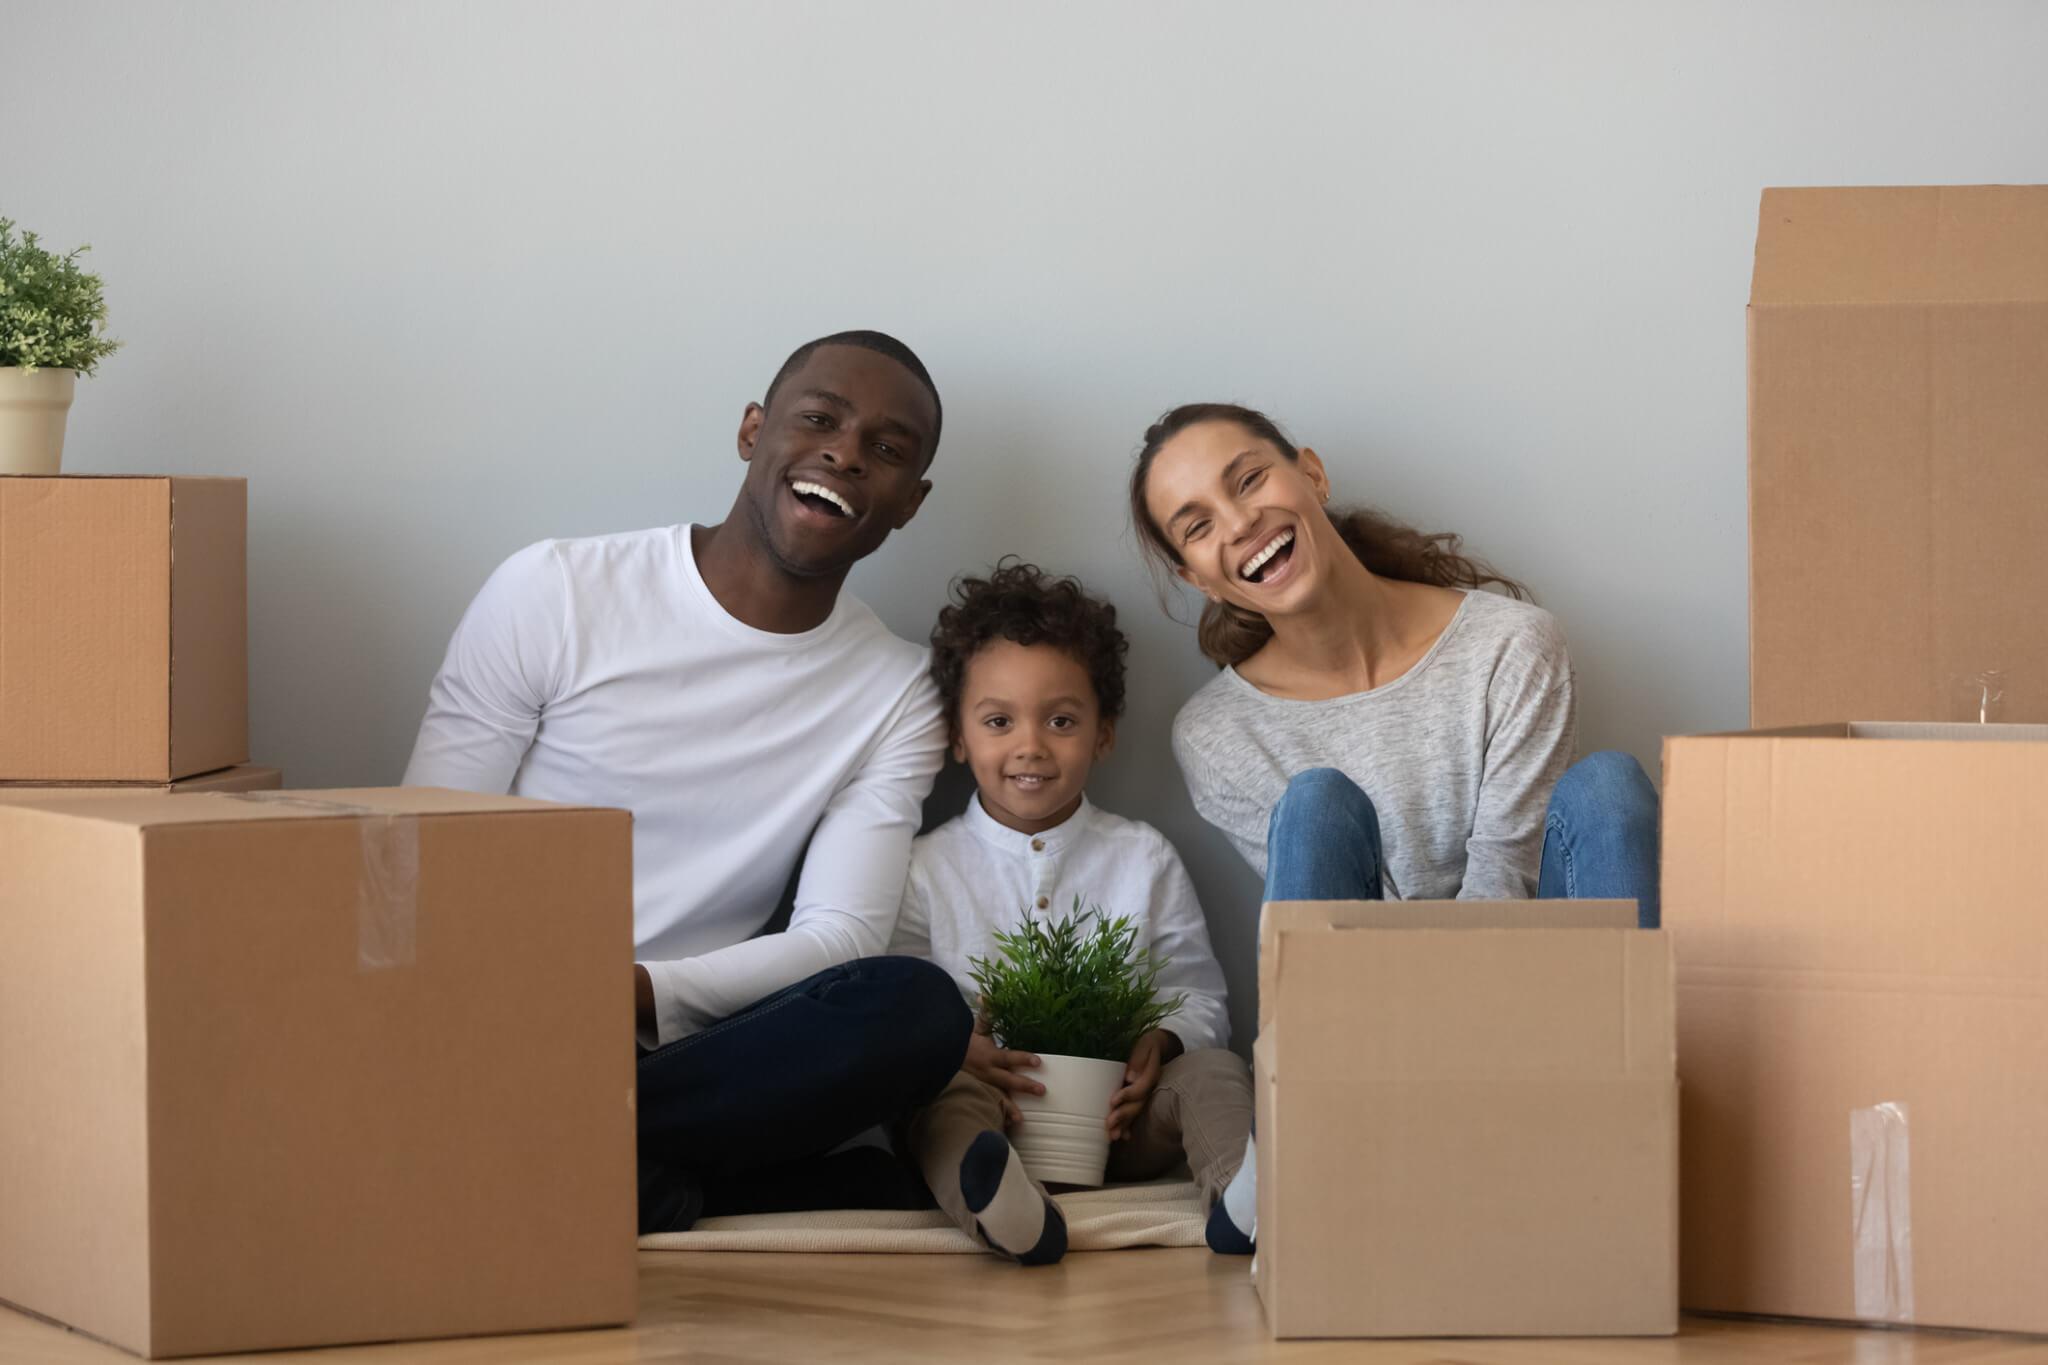 Famille entourée de cartons de déménagement